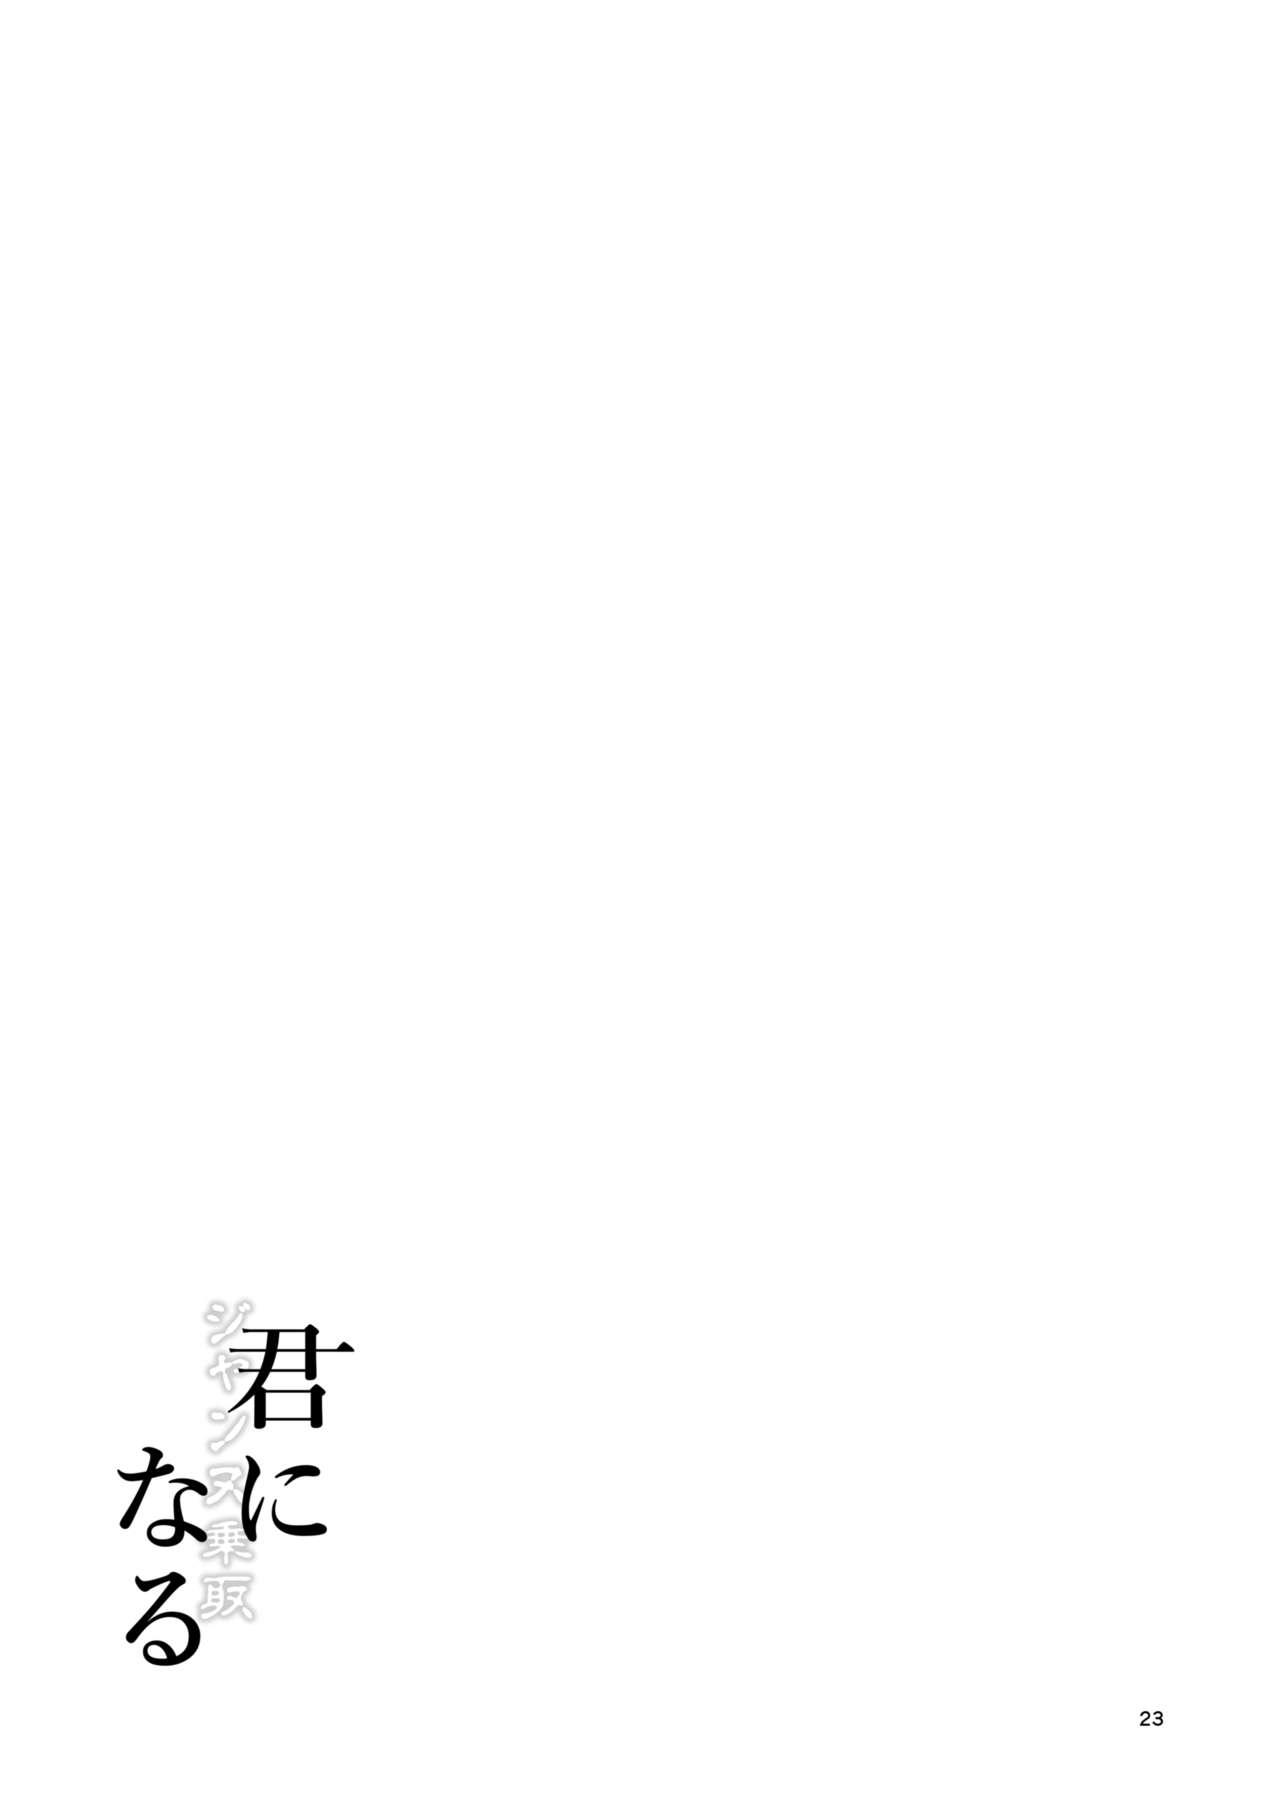 [Taniguchi-san] Kimi -Jeanne- ni Naru 2.0 (Fate/Grand Order) 23